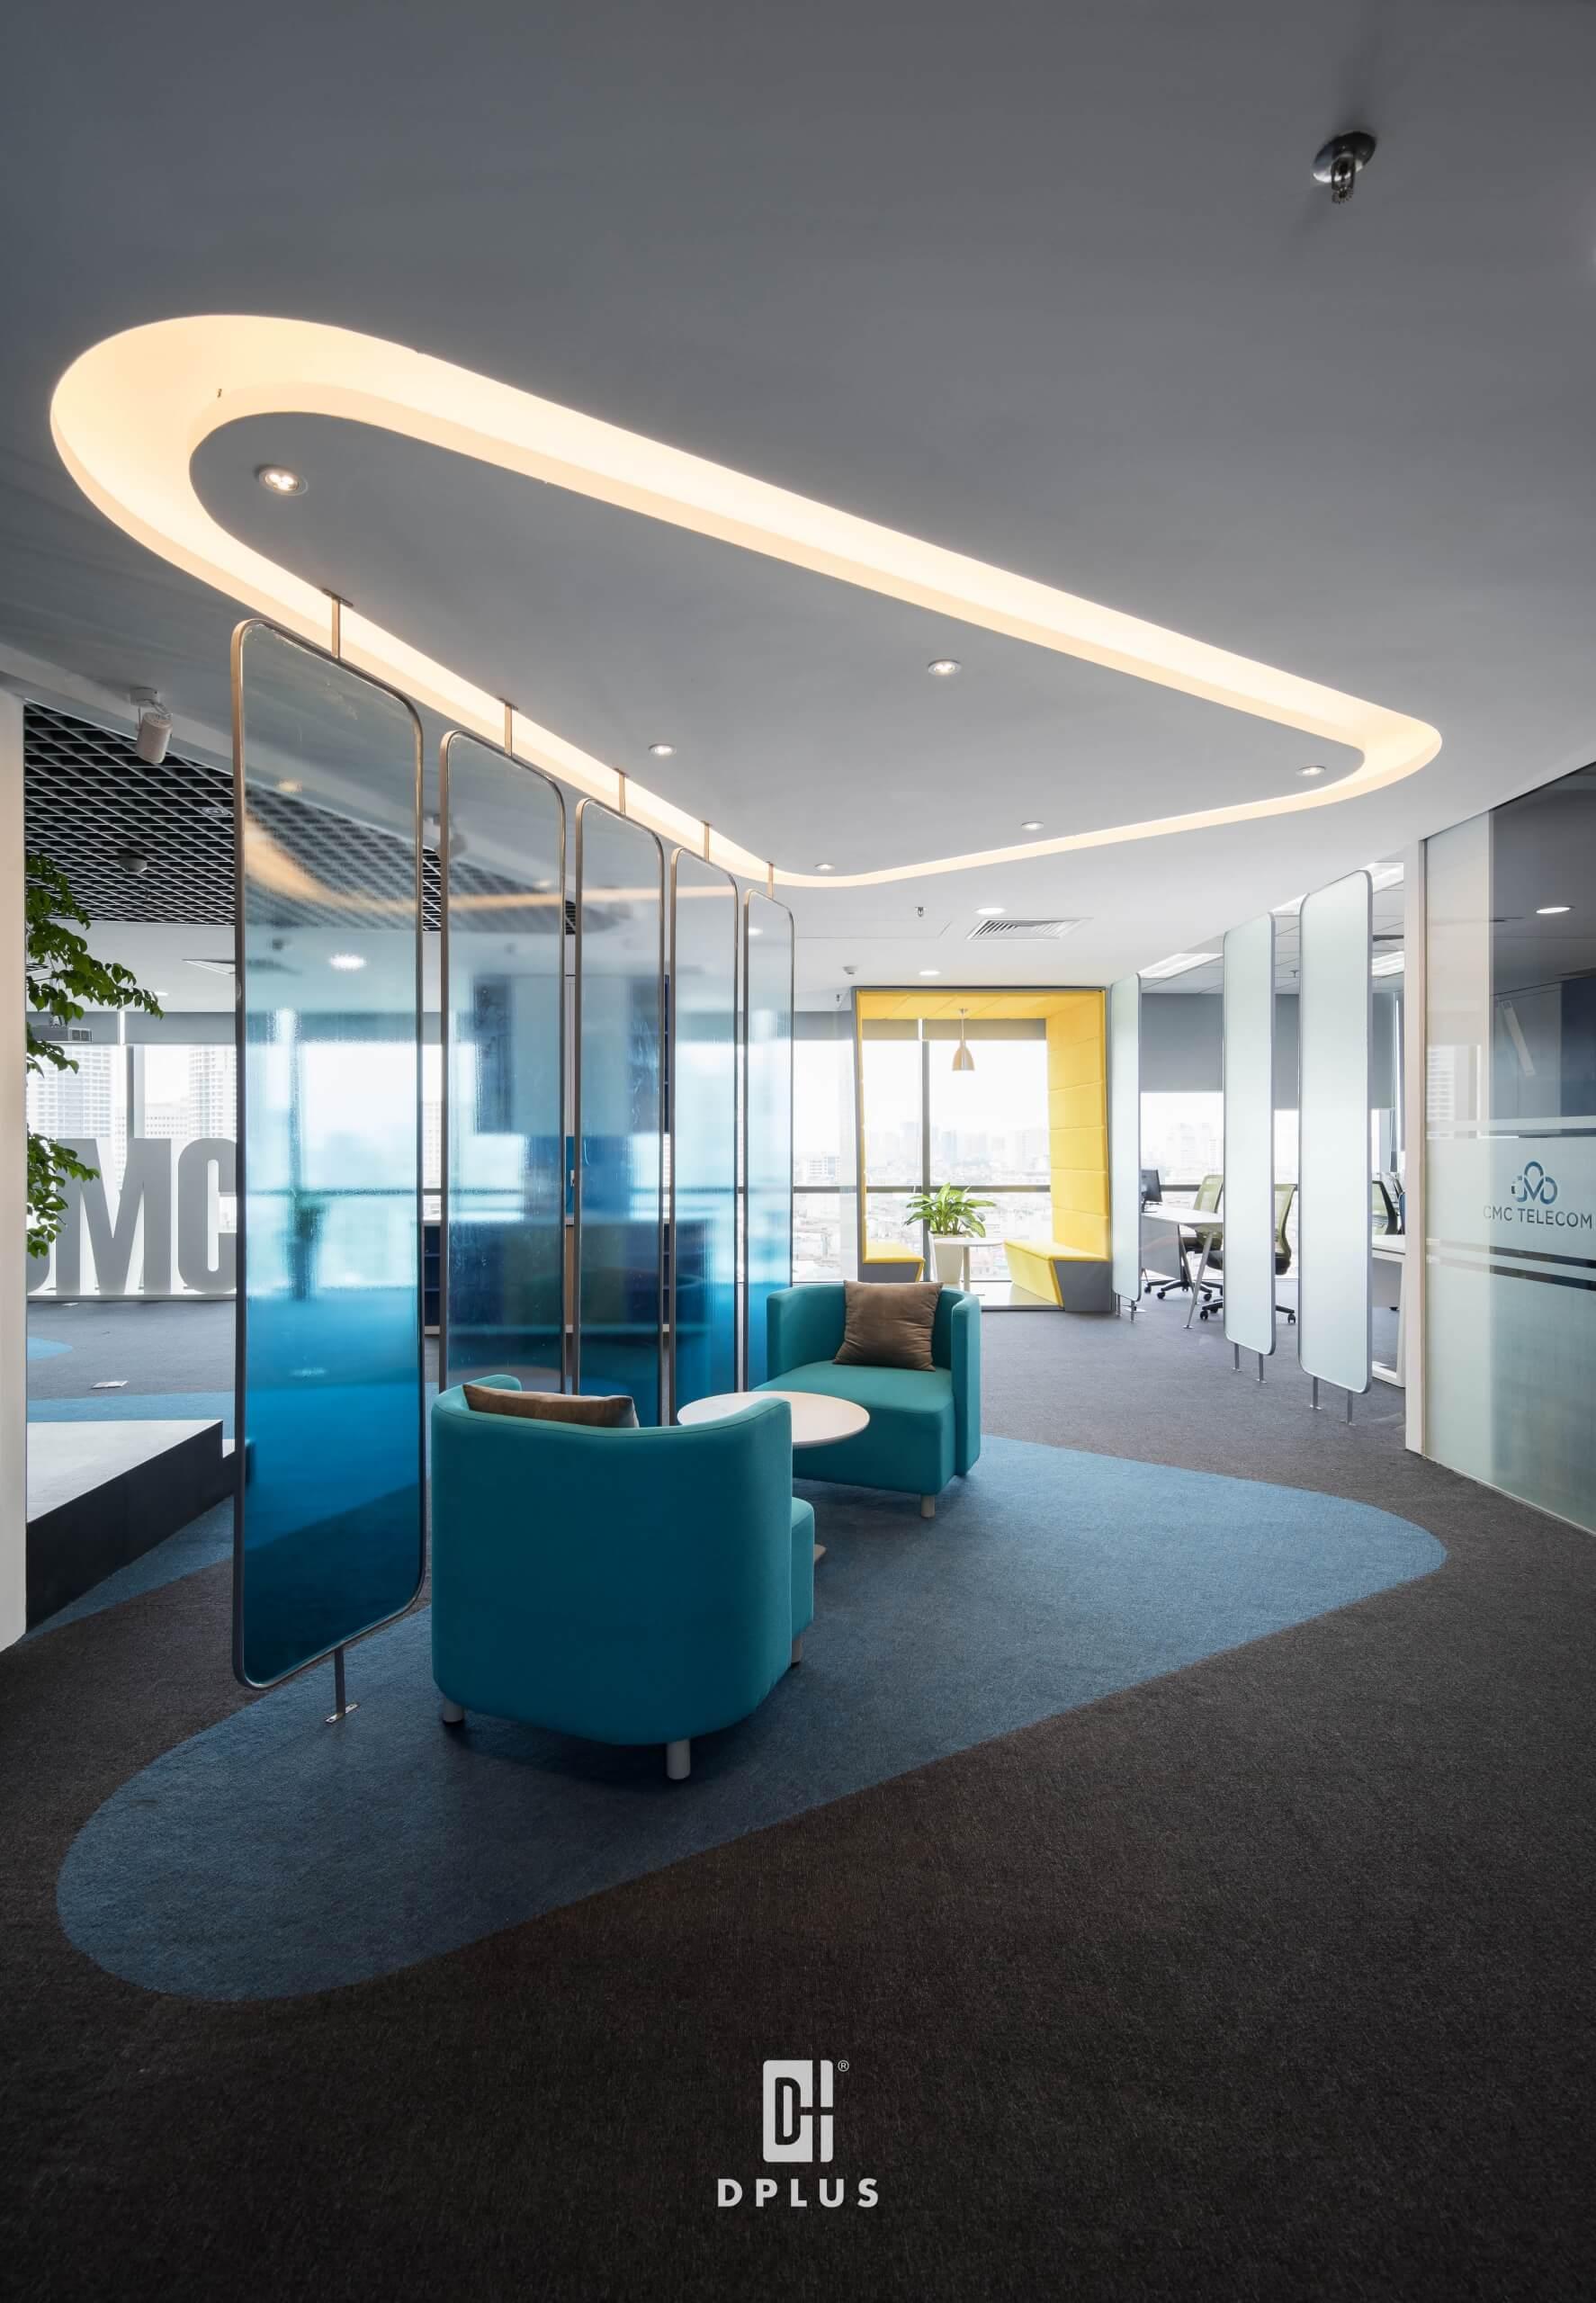 Doanh nghiệp nên tìm đến các công ty hoặc đơn vị tư vấn thiết kế văn phòng uy tín và chuyên nghiệp trên thị trường.